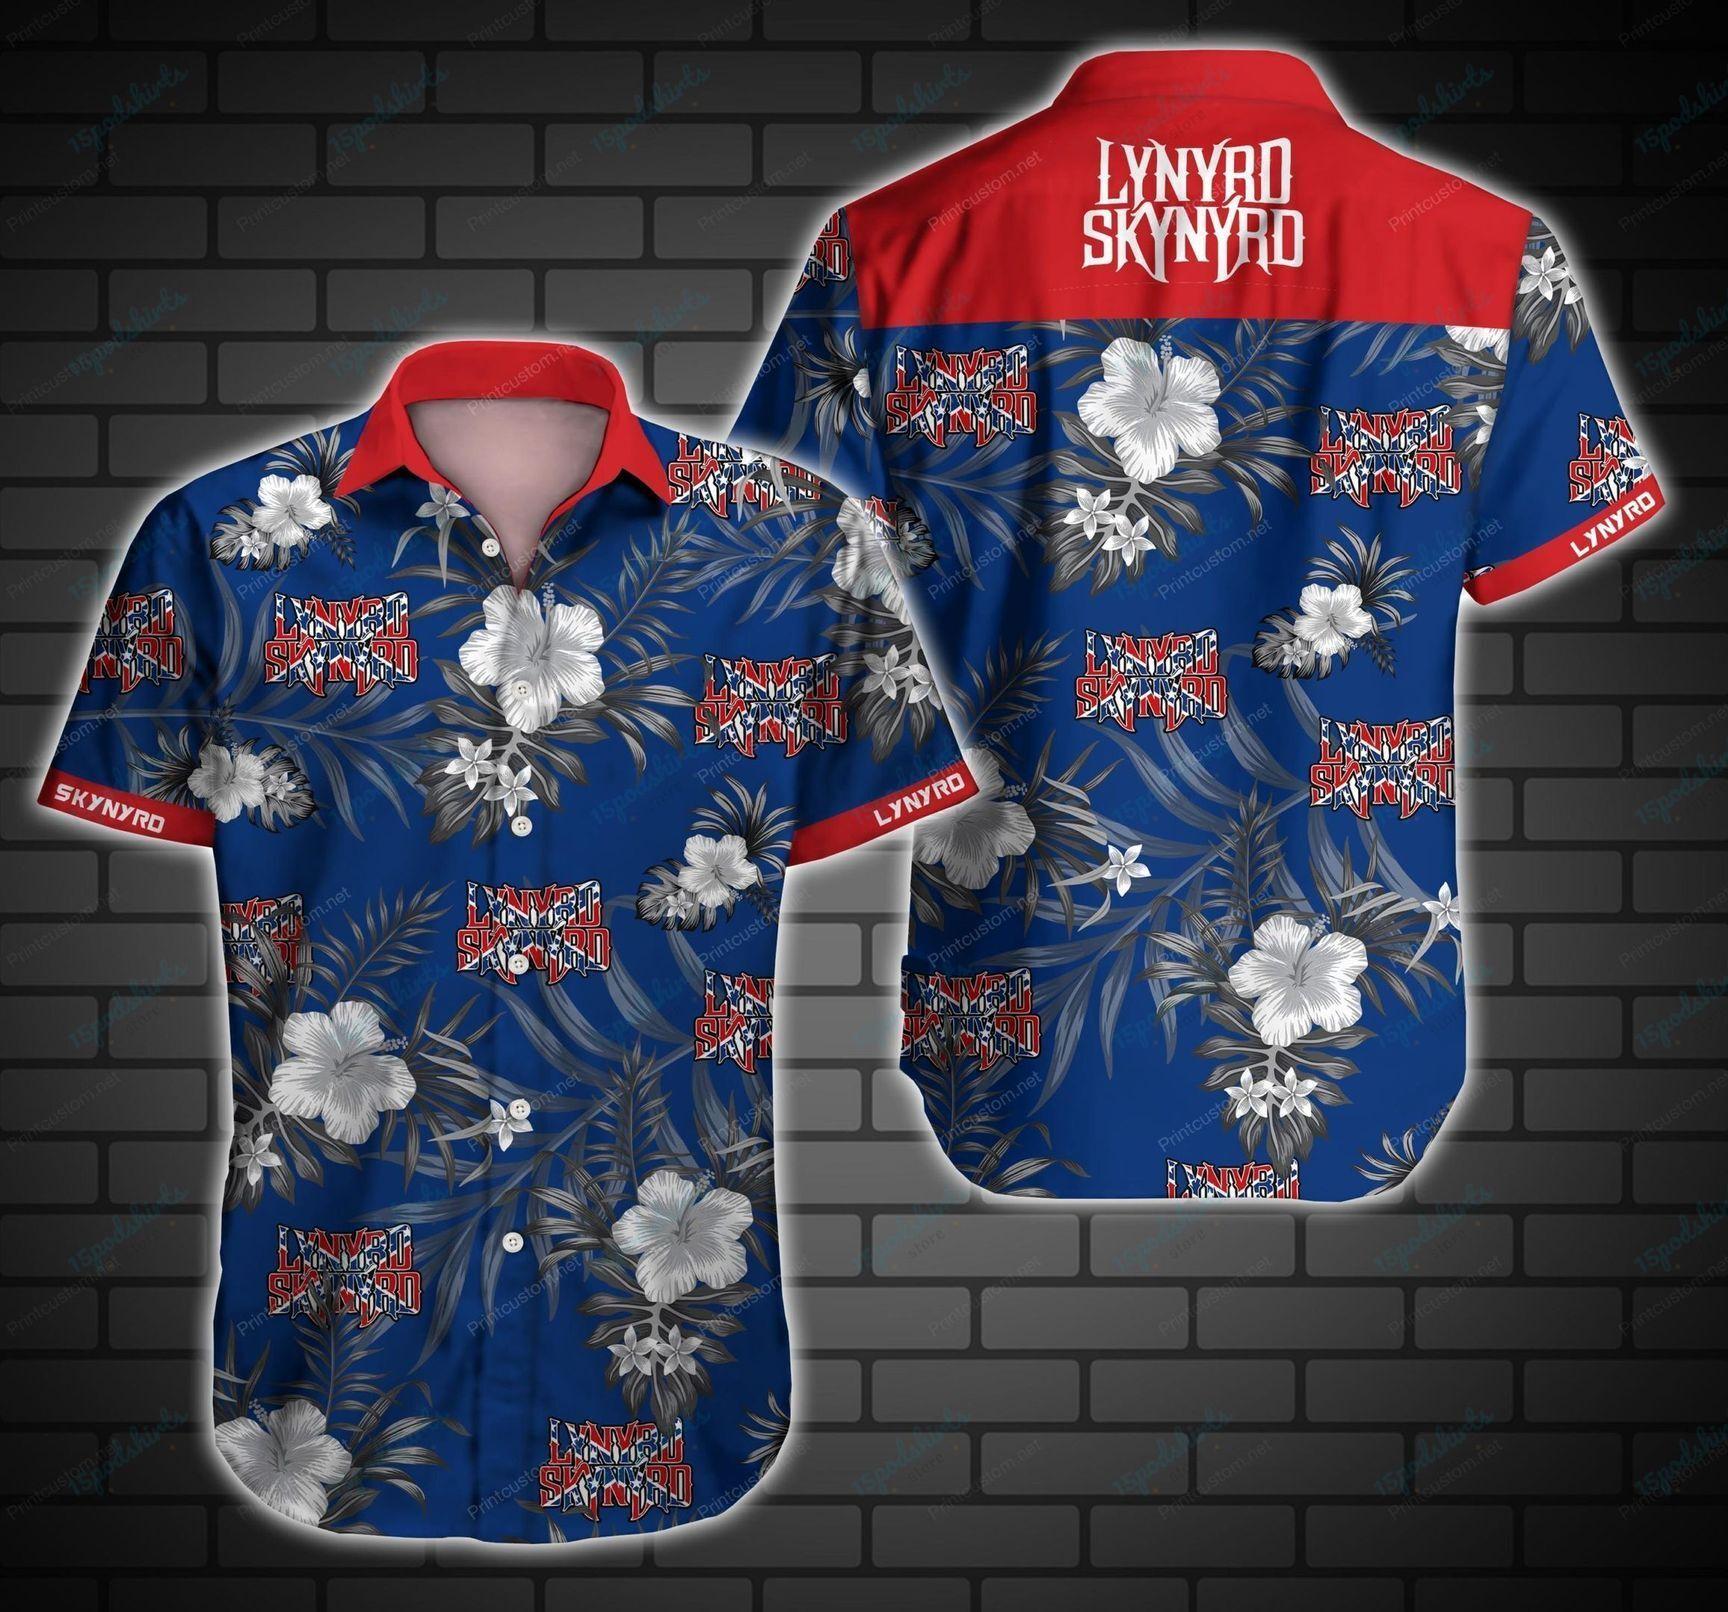 Lynyrd Skynyrd American Rock Band Blue Hawaiian Shirt